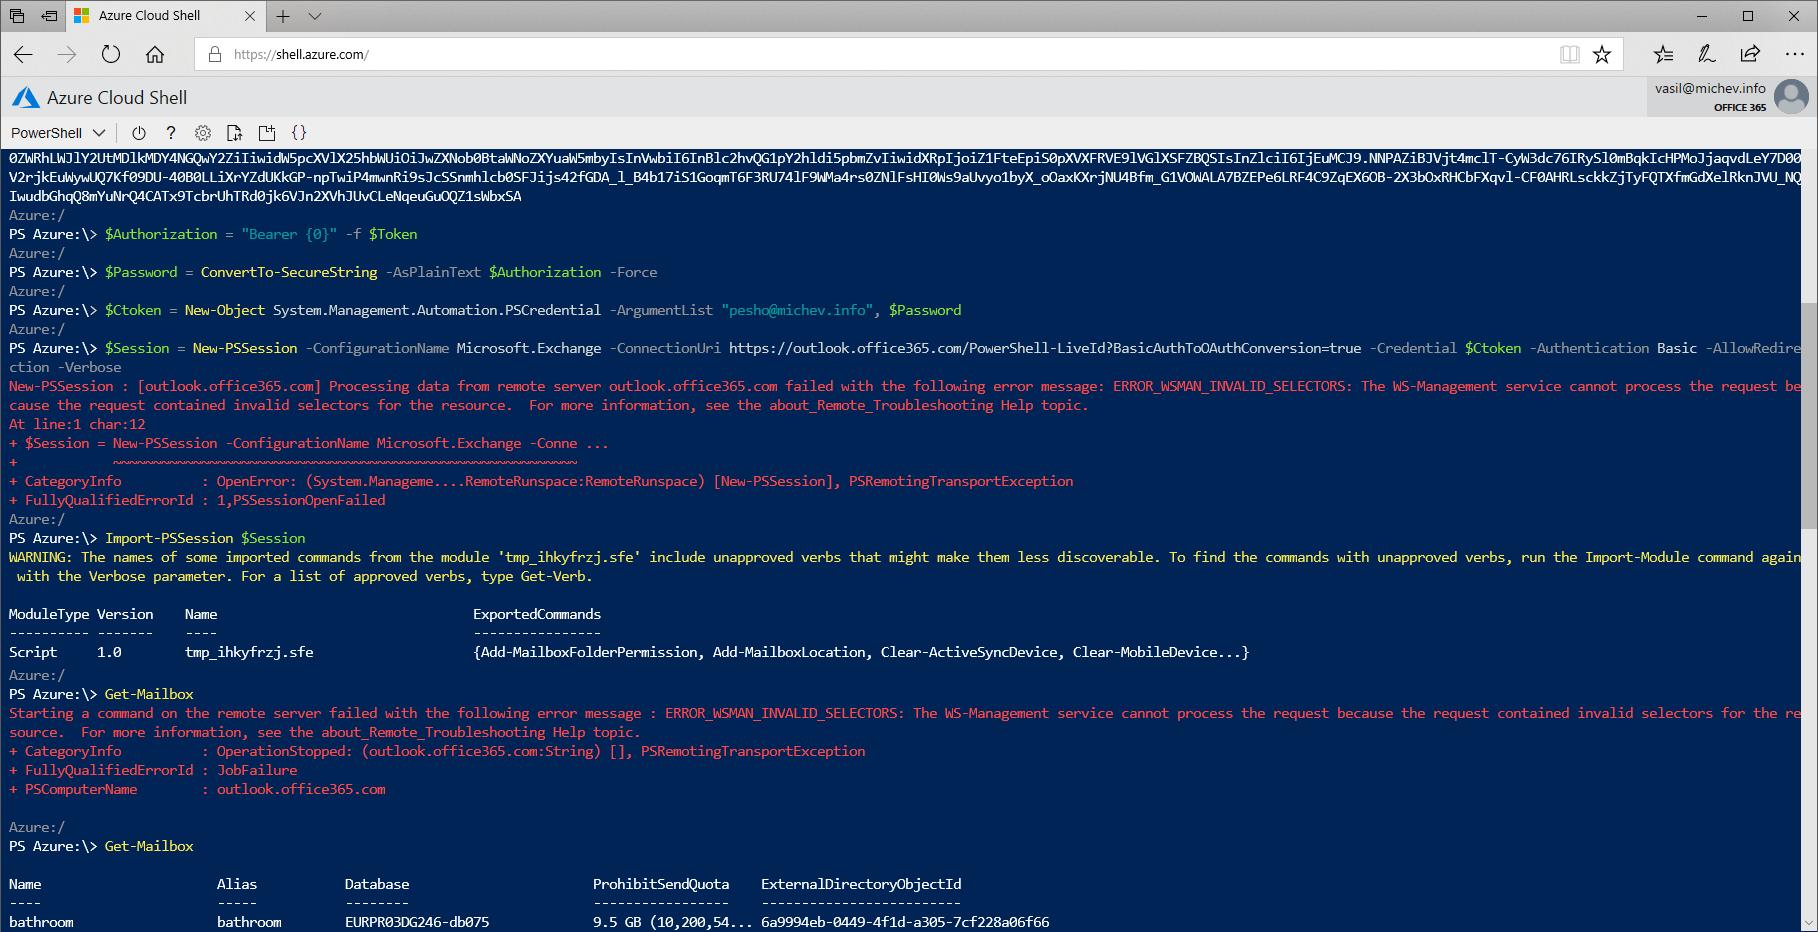 Azure Cloud Shell Script